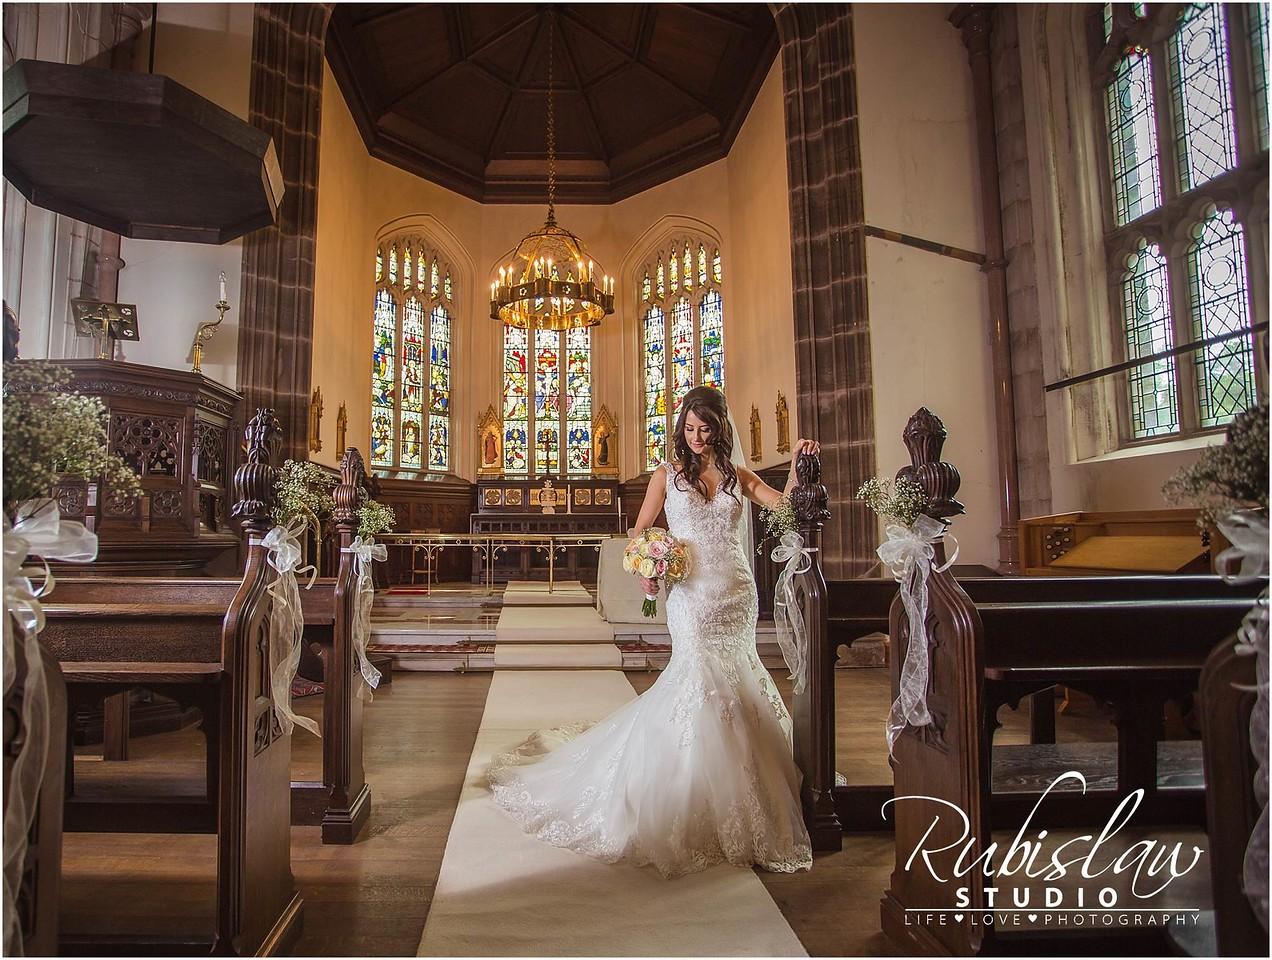 #aberdeenwedding #aberdeenweddingphotographer #clunycastlewedding #clunycastle #weddingphotographyatclunycastle